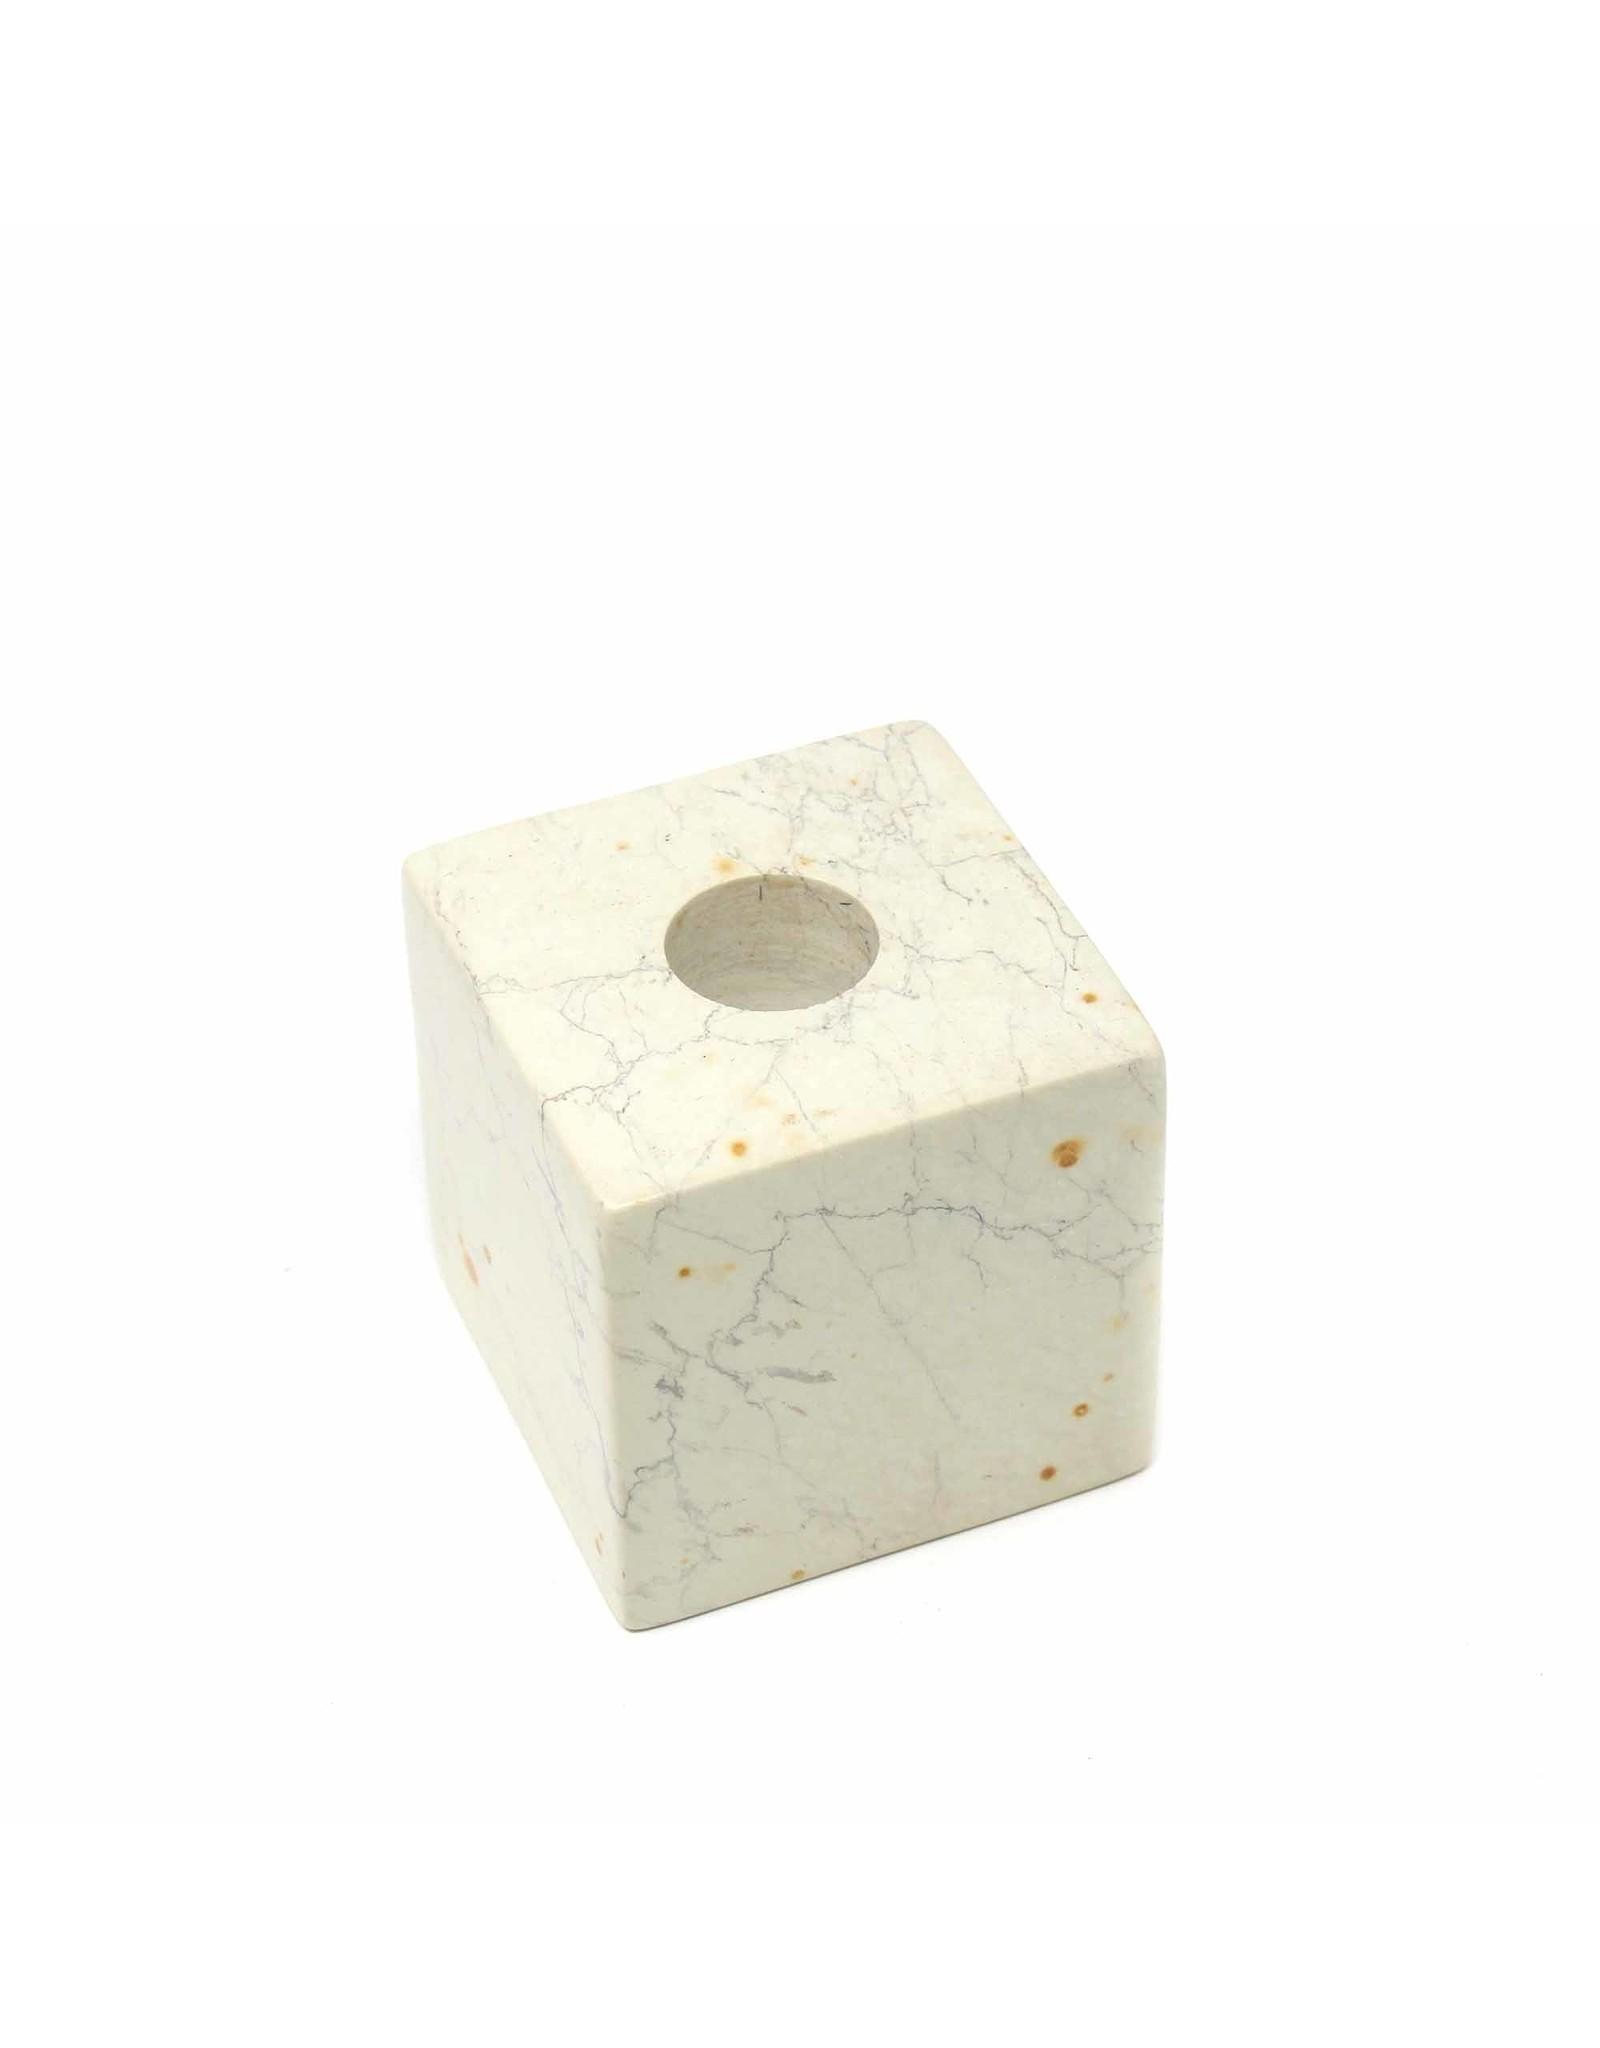 Cube Soapstone Candle Holder, Kenya